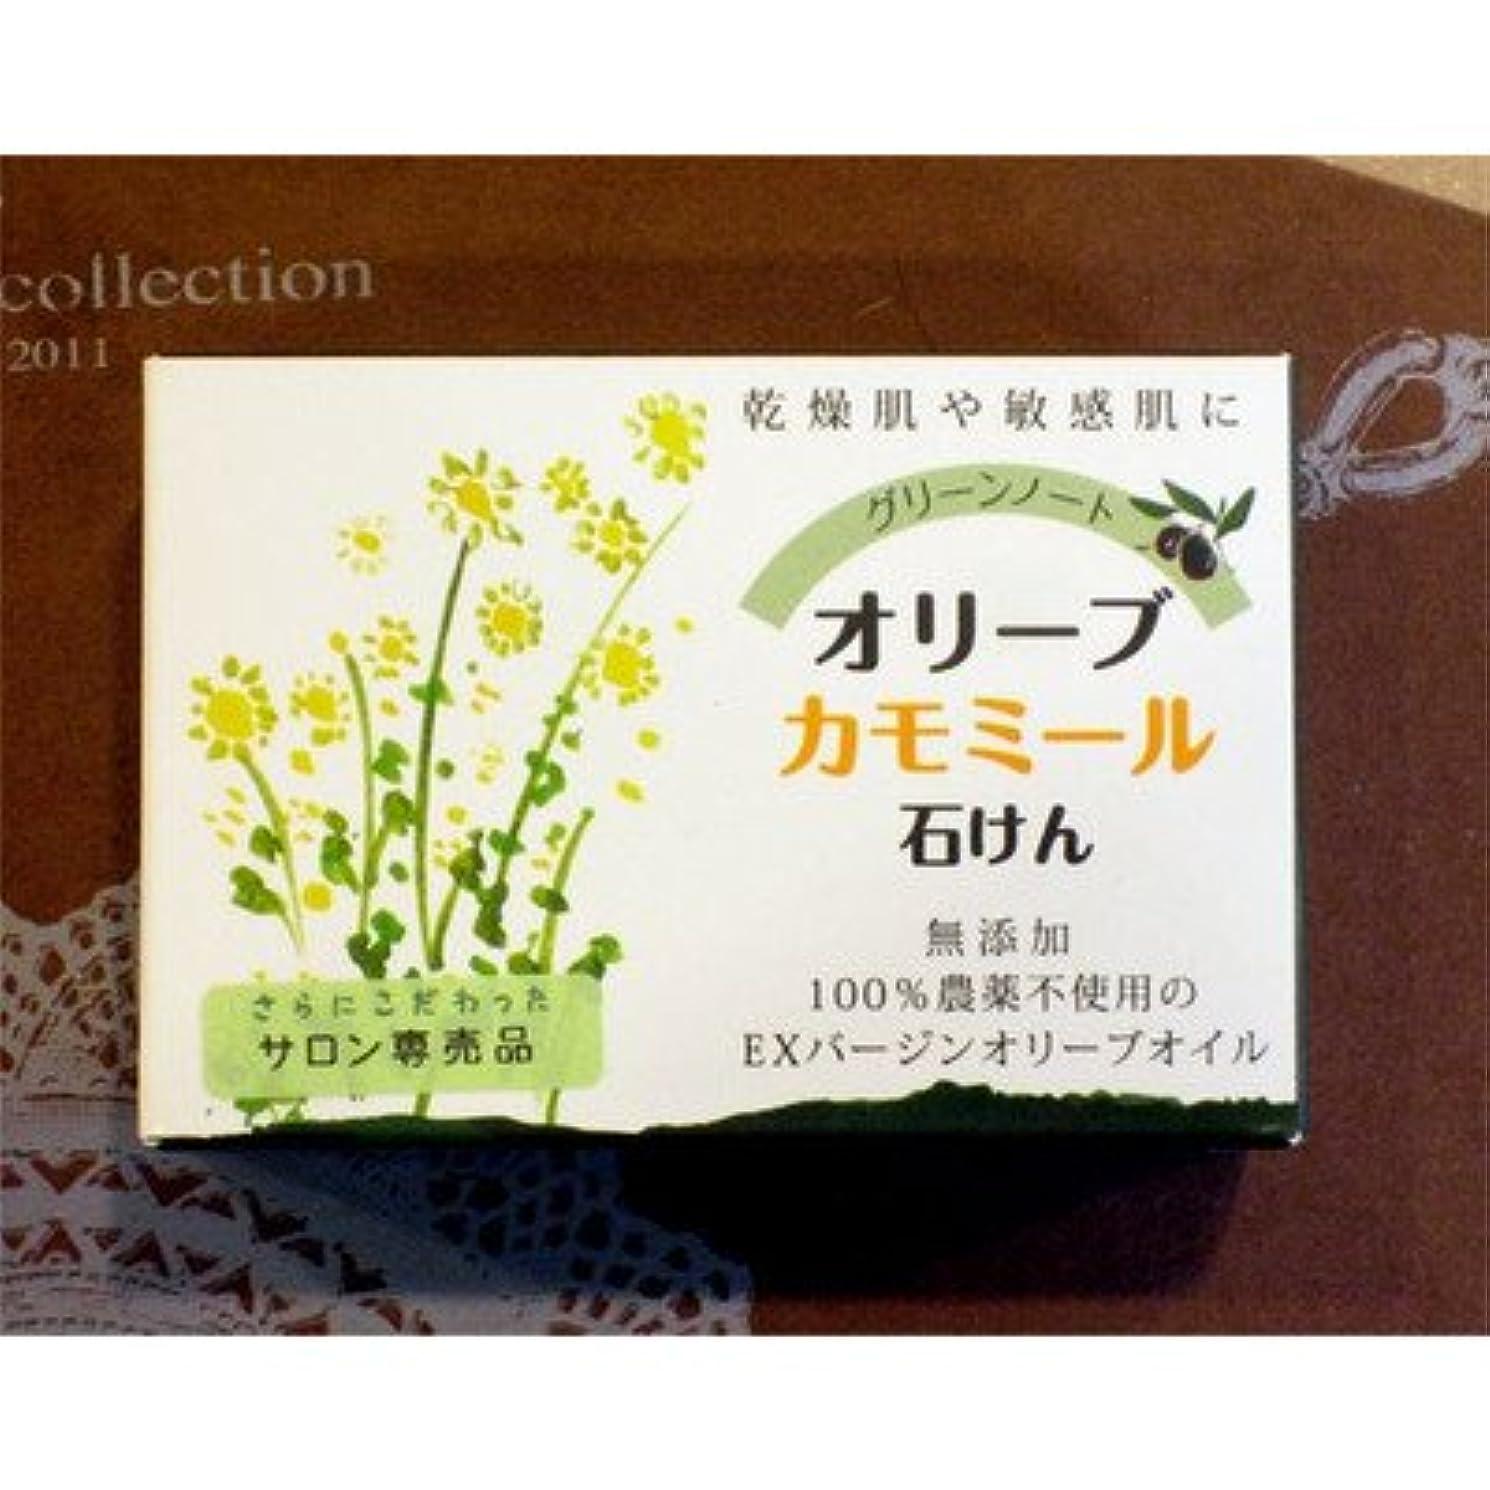 簡潔なモード回るグリーンノート オーガニック ハーブ ソープ 無農薬 無添加 オリーブ カモミール 石鹸 100g